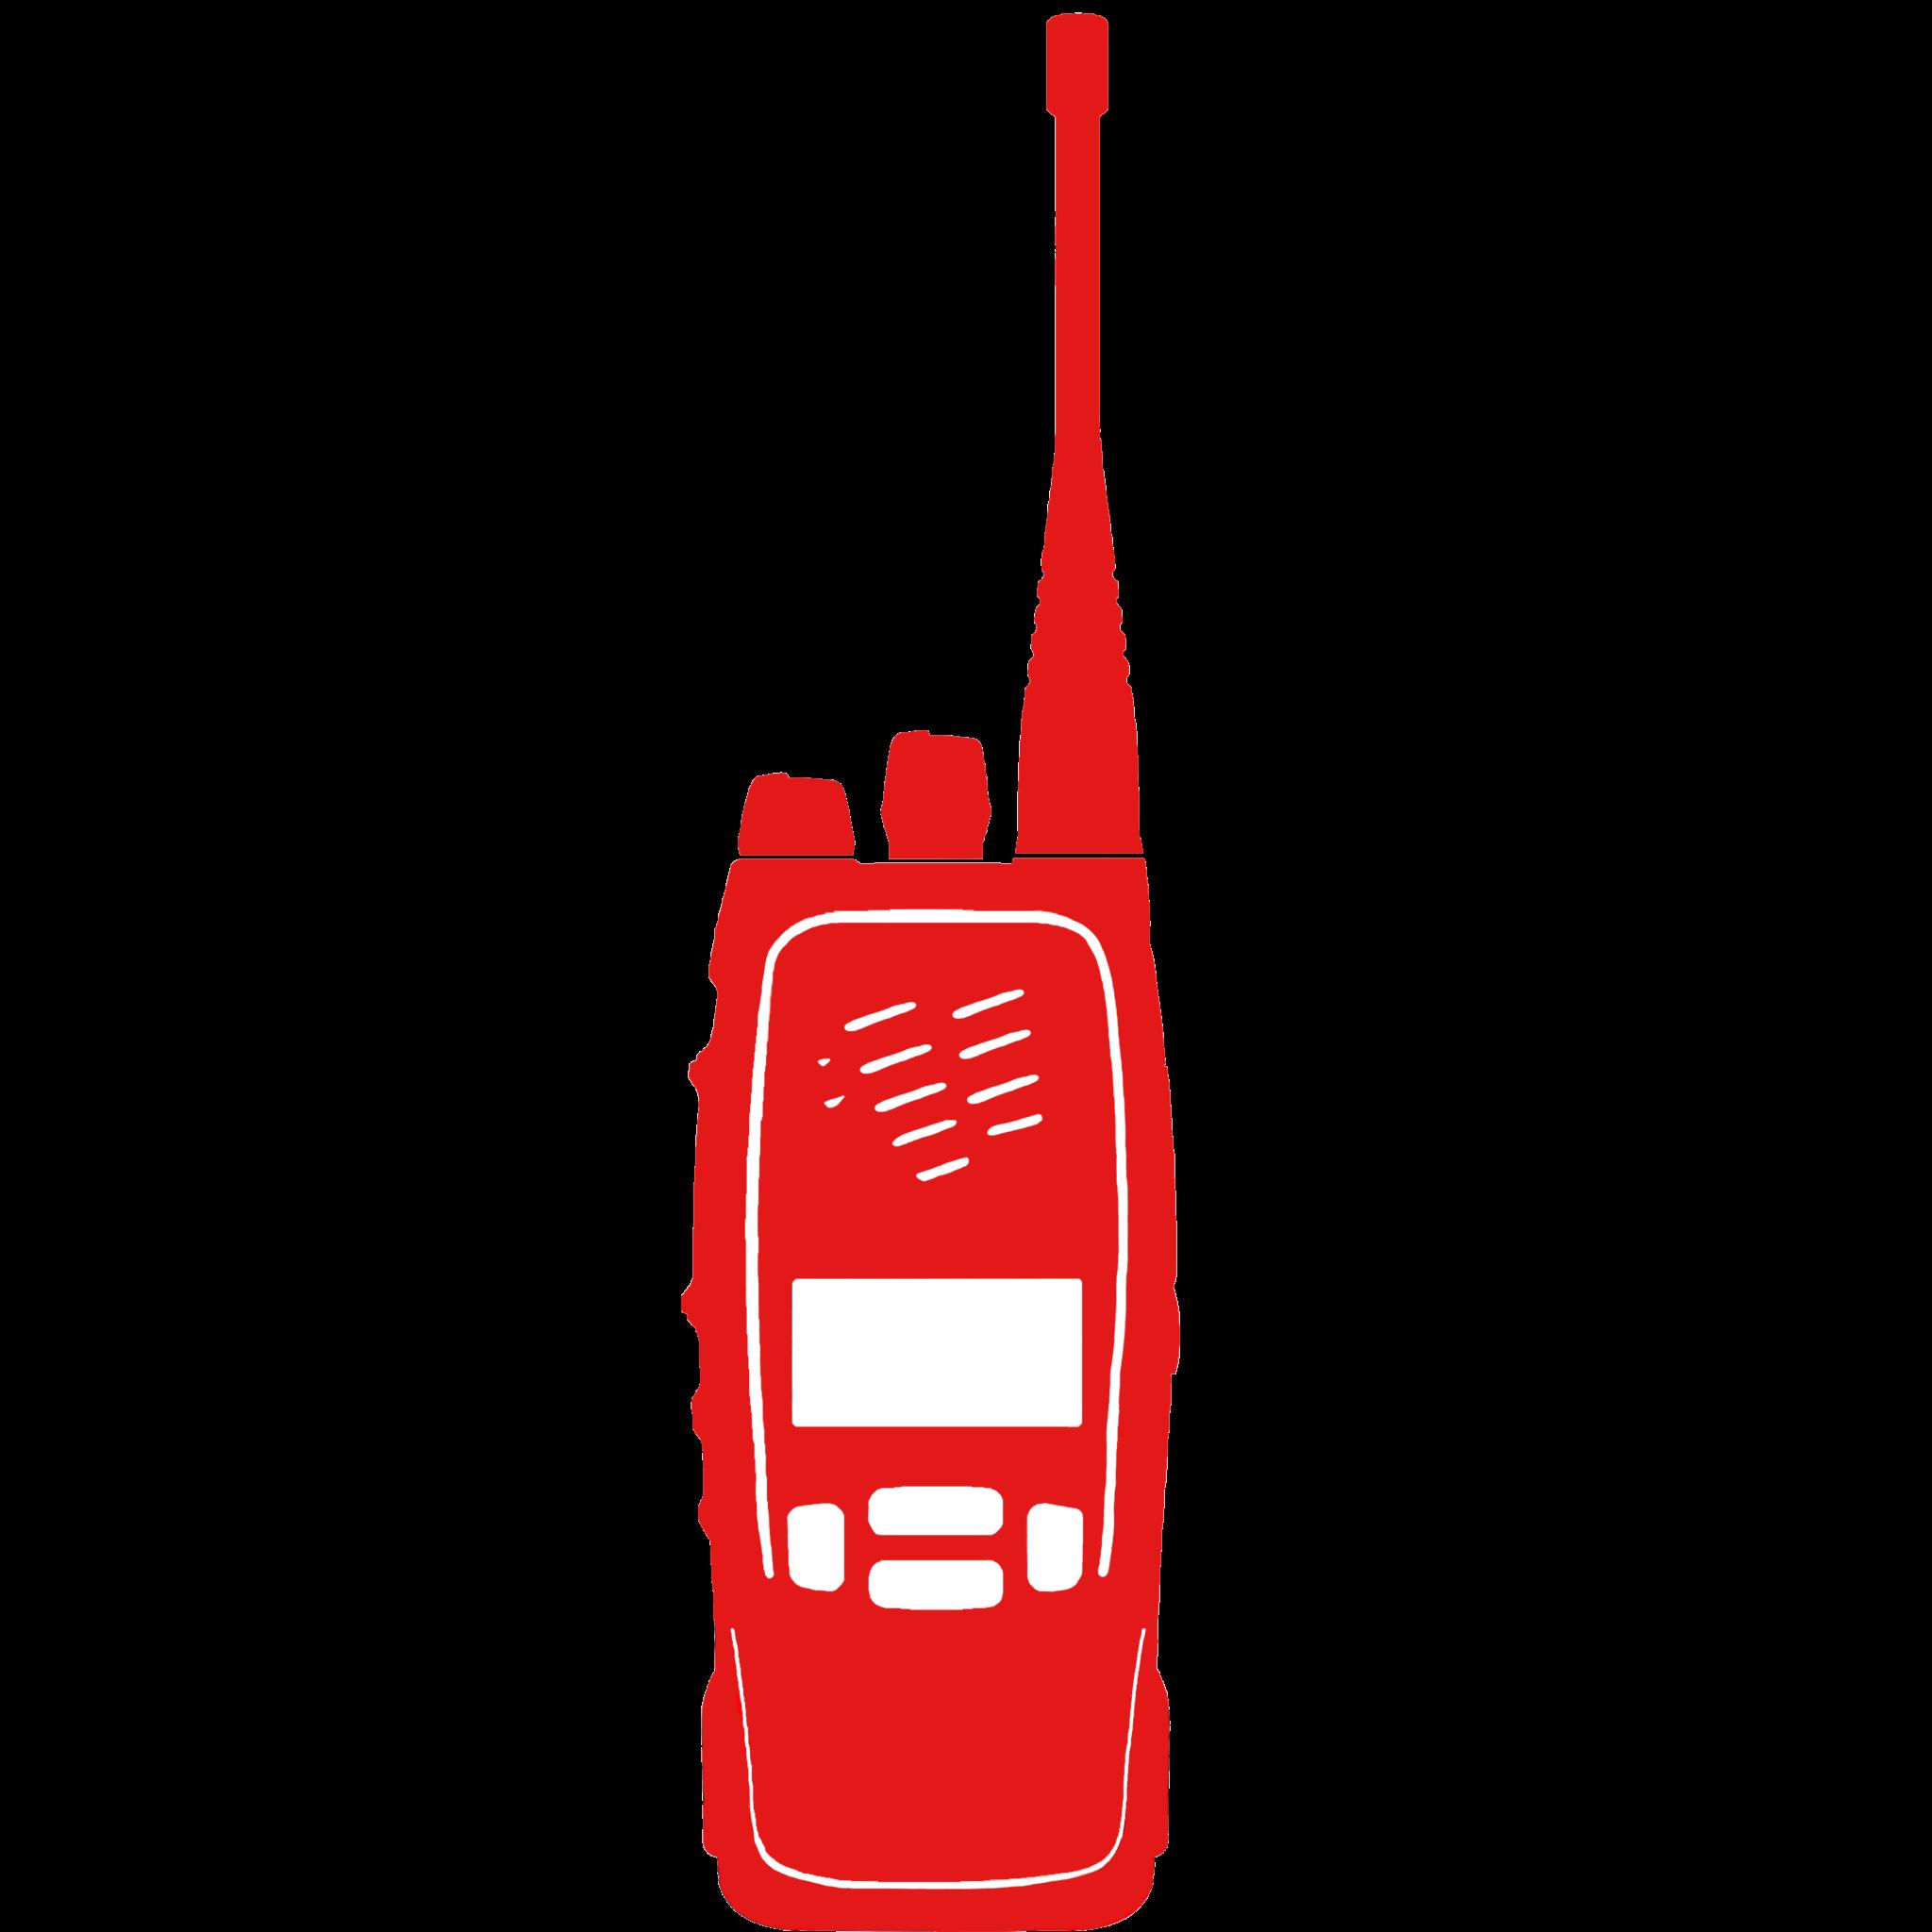 Handfunkgerät Icon für Funksysteme